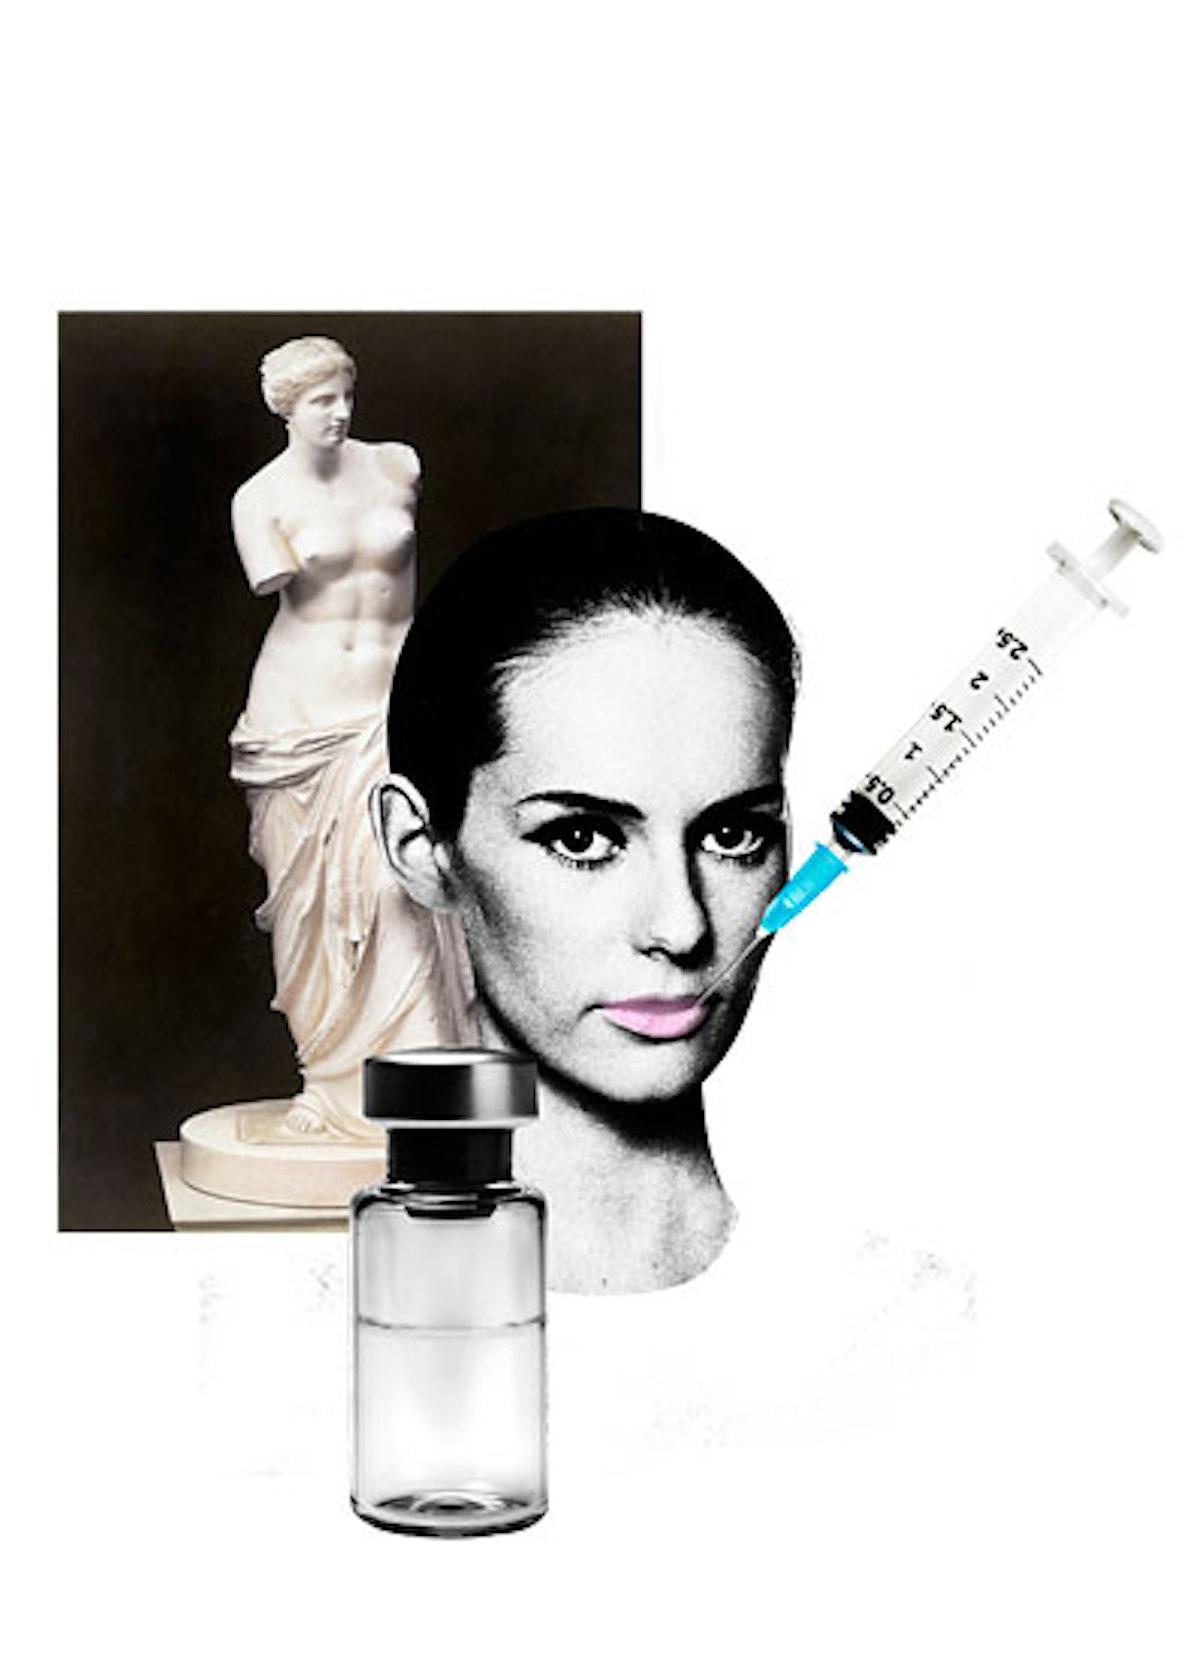 bess-treatment-overdose-05-v.jpg